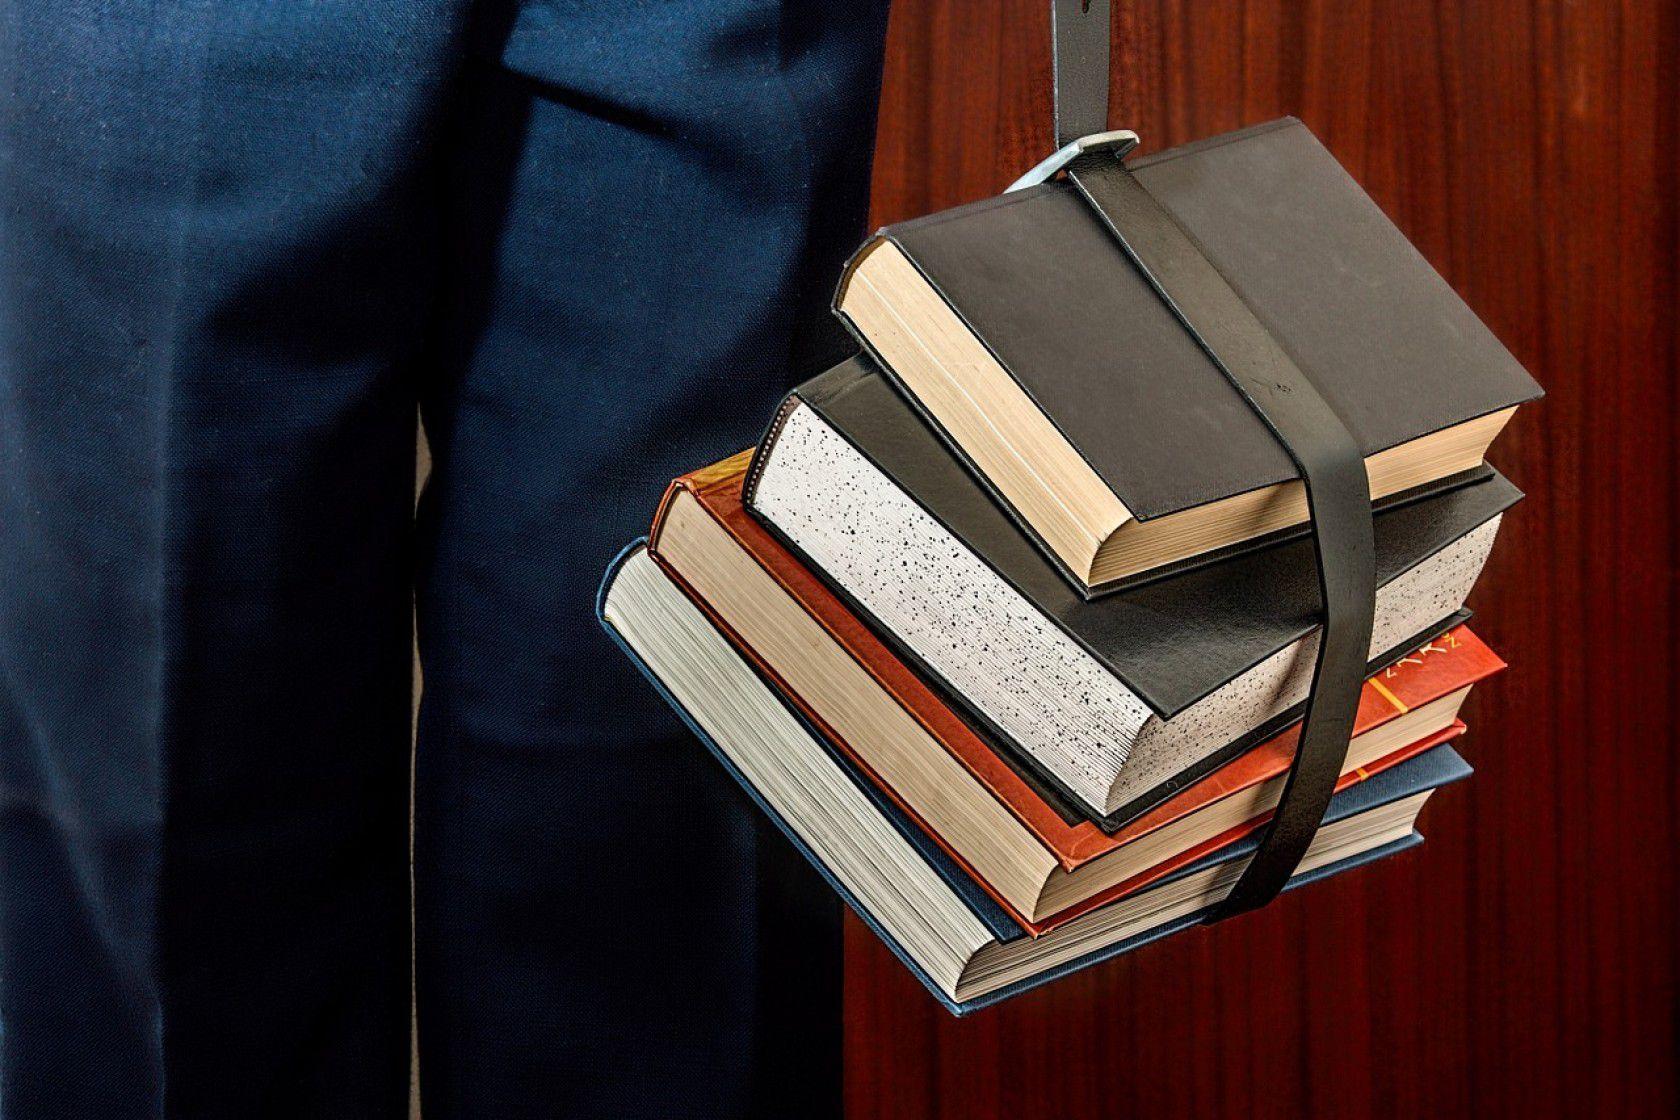 Finlandiya Kolej Eğitimi Almak İsteyenleri Bekleyen Süreçler